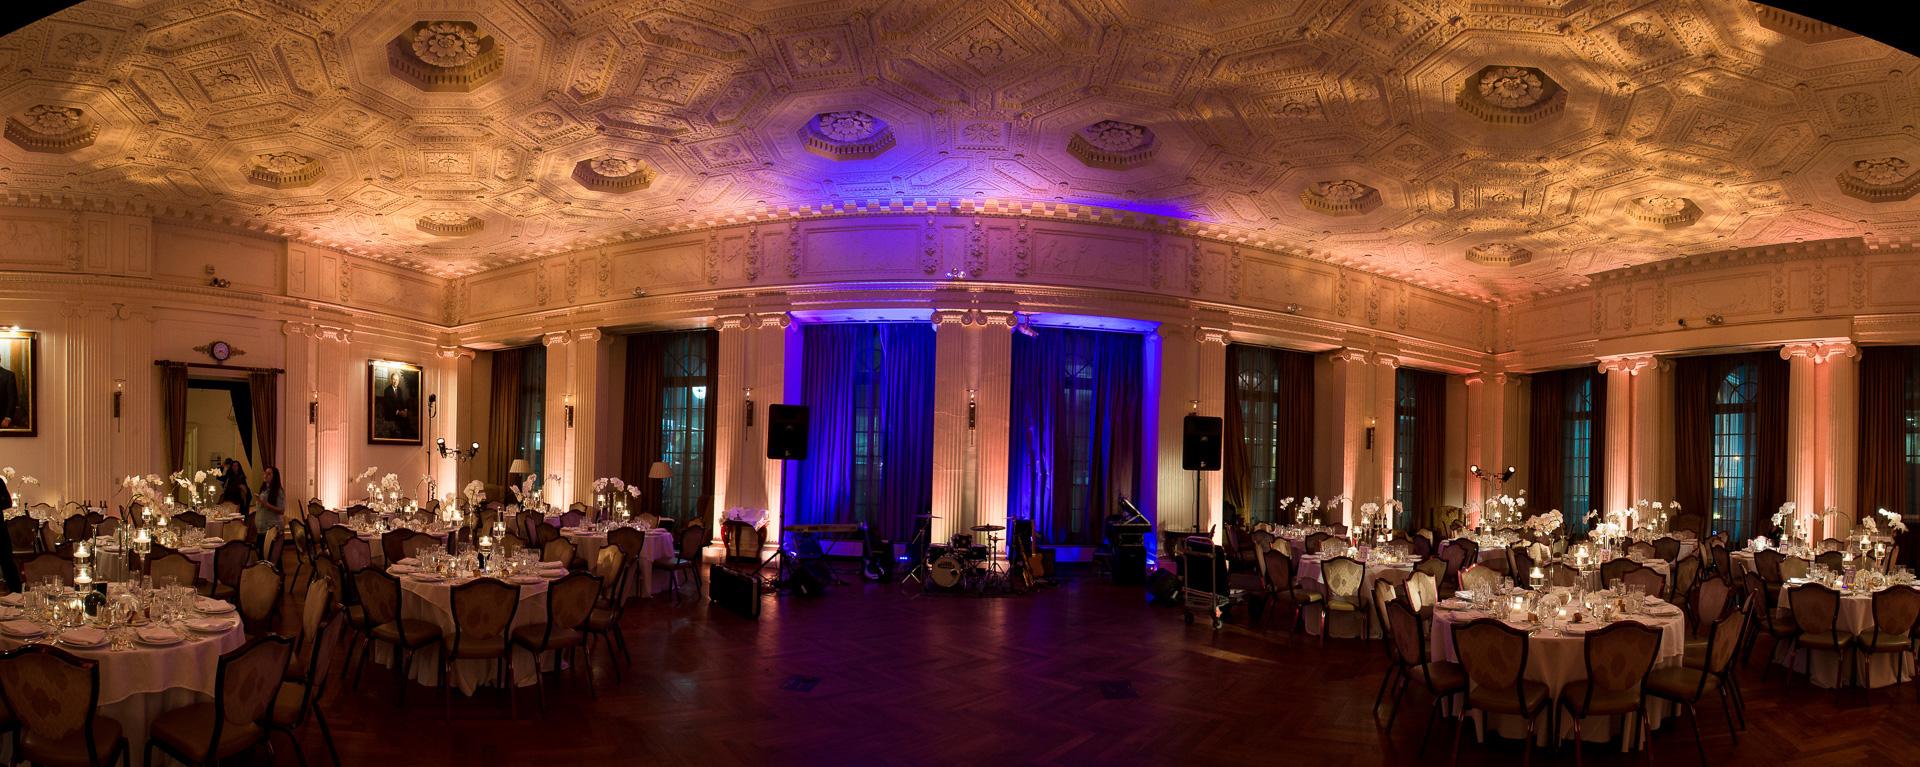 NY Wedding Photographer Blog | Catherine Leonard Photography |Yale Club Wedding